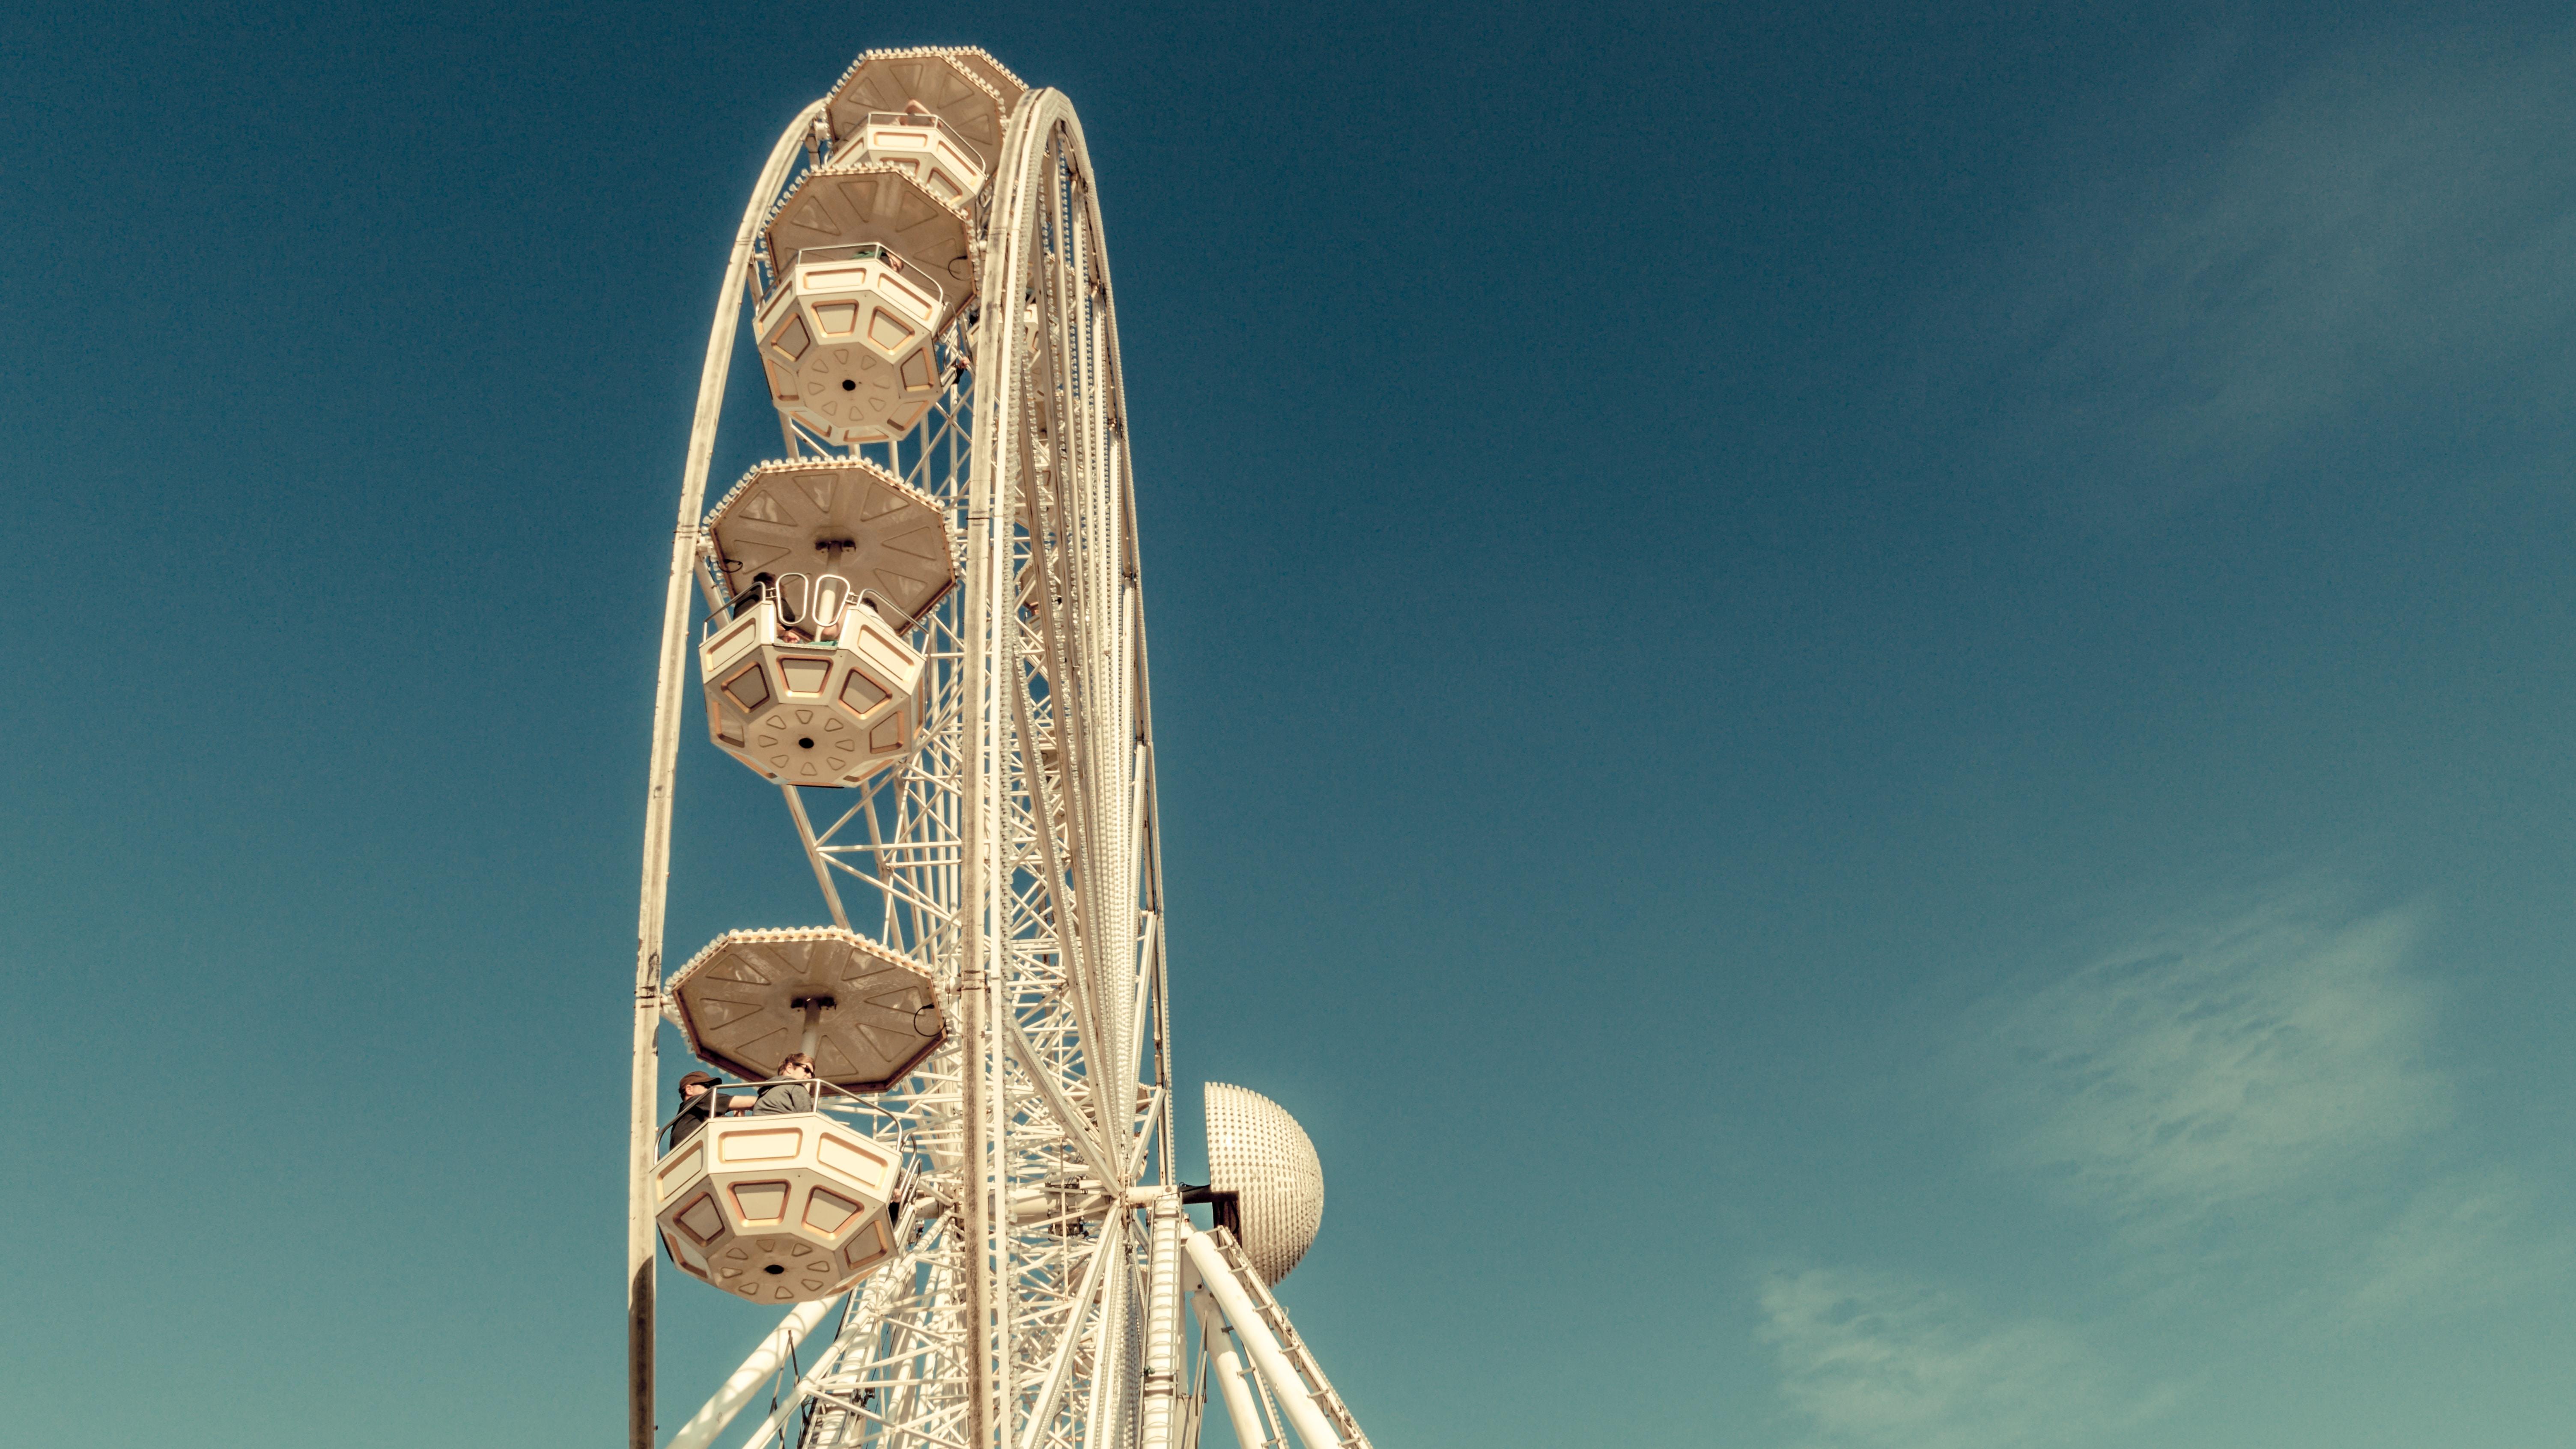 view of white Ferris Wheel